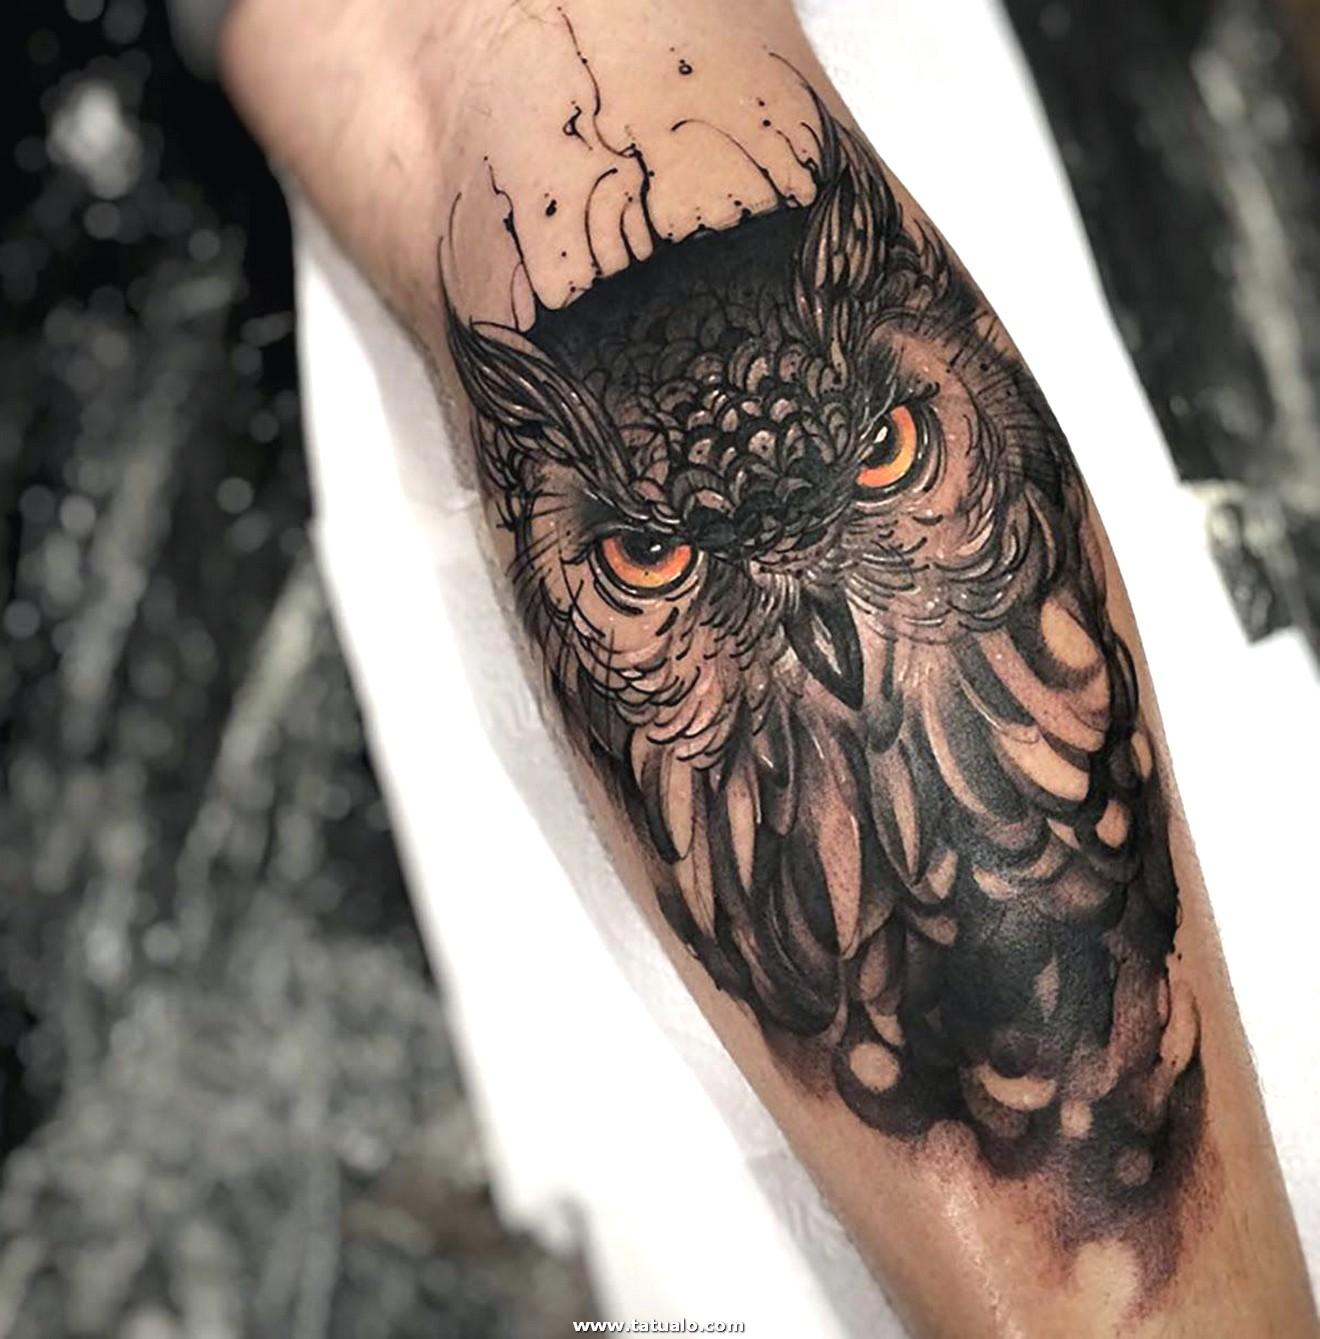 Tatuajes En El Antebrazo 50 Dise Os Variados Para Hombres Y Mujeres Los 2 Antebrazos 5c18591a8ae25